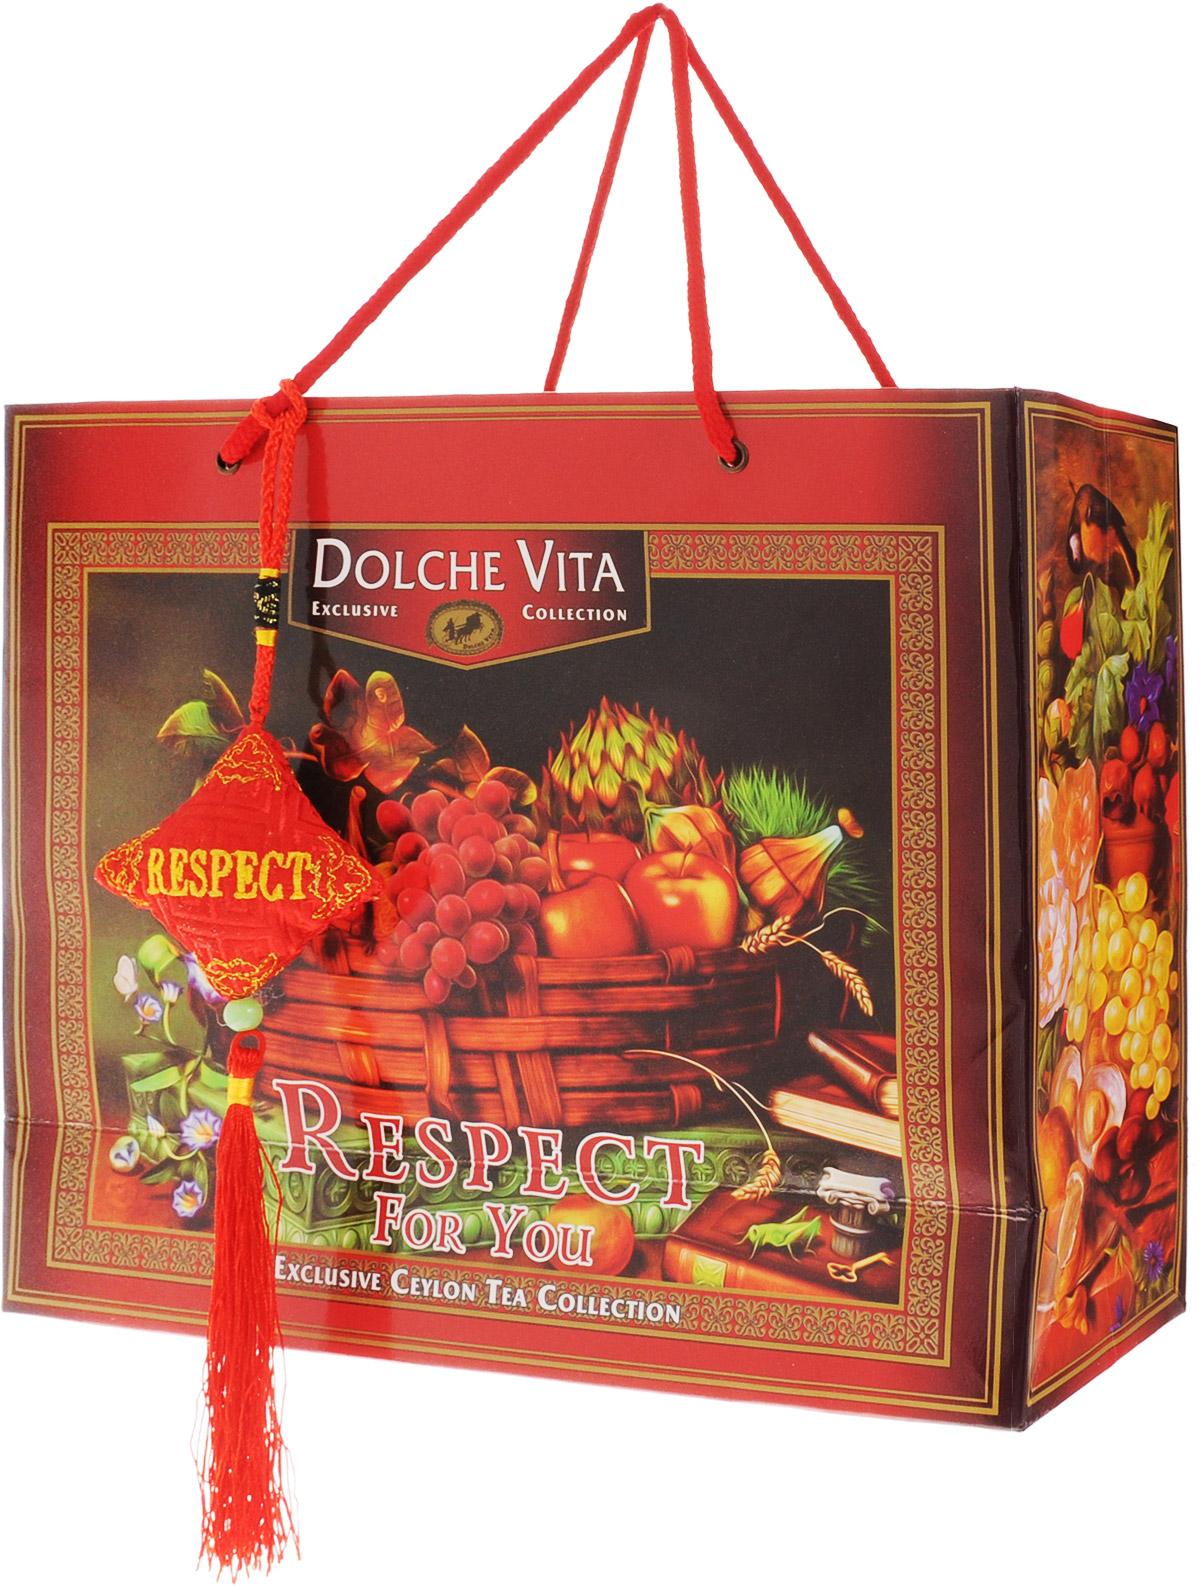 Dolche Vita Respect подарочный набор черного листового чая, 200 г amore de bohema для самой дорогой подарочный набор листового чая 400 г